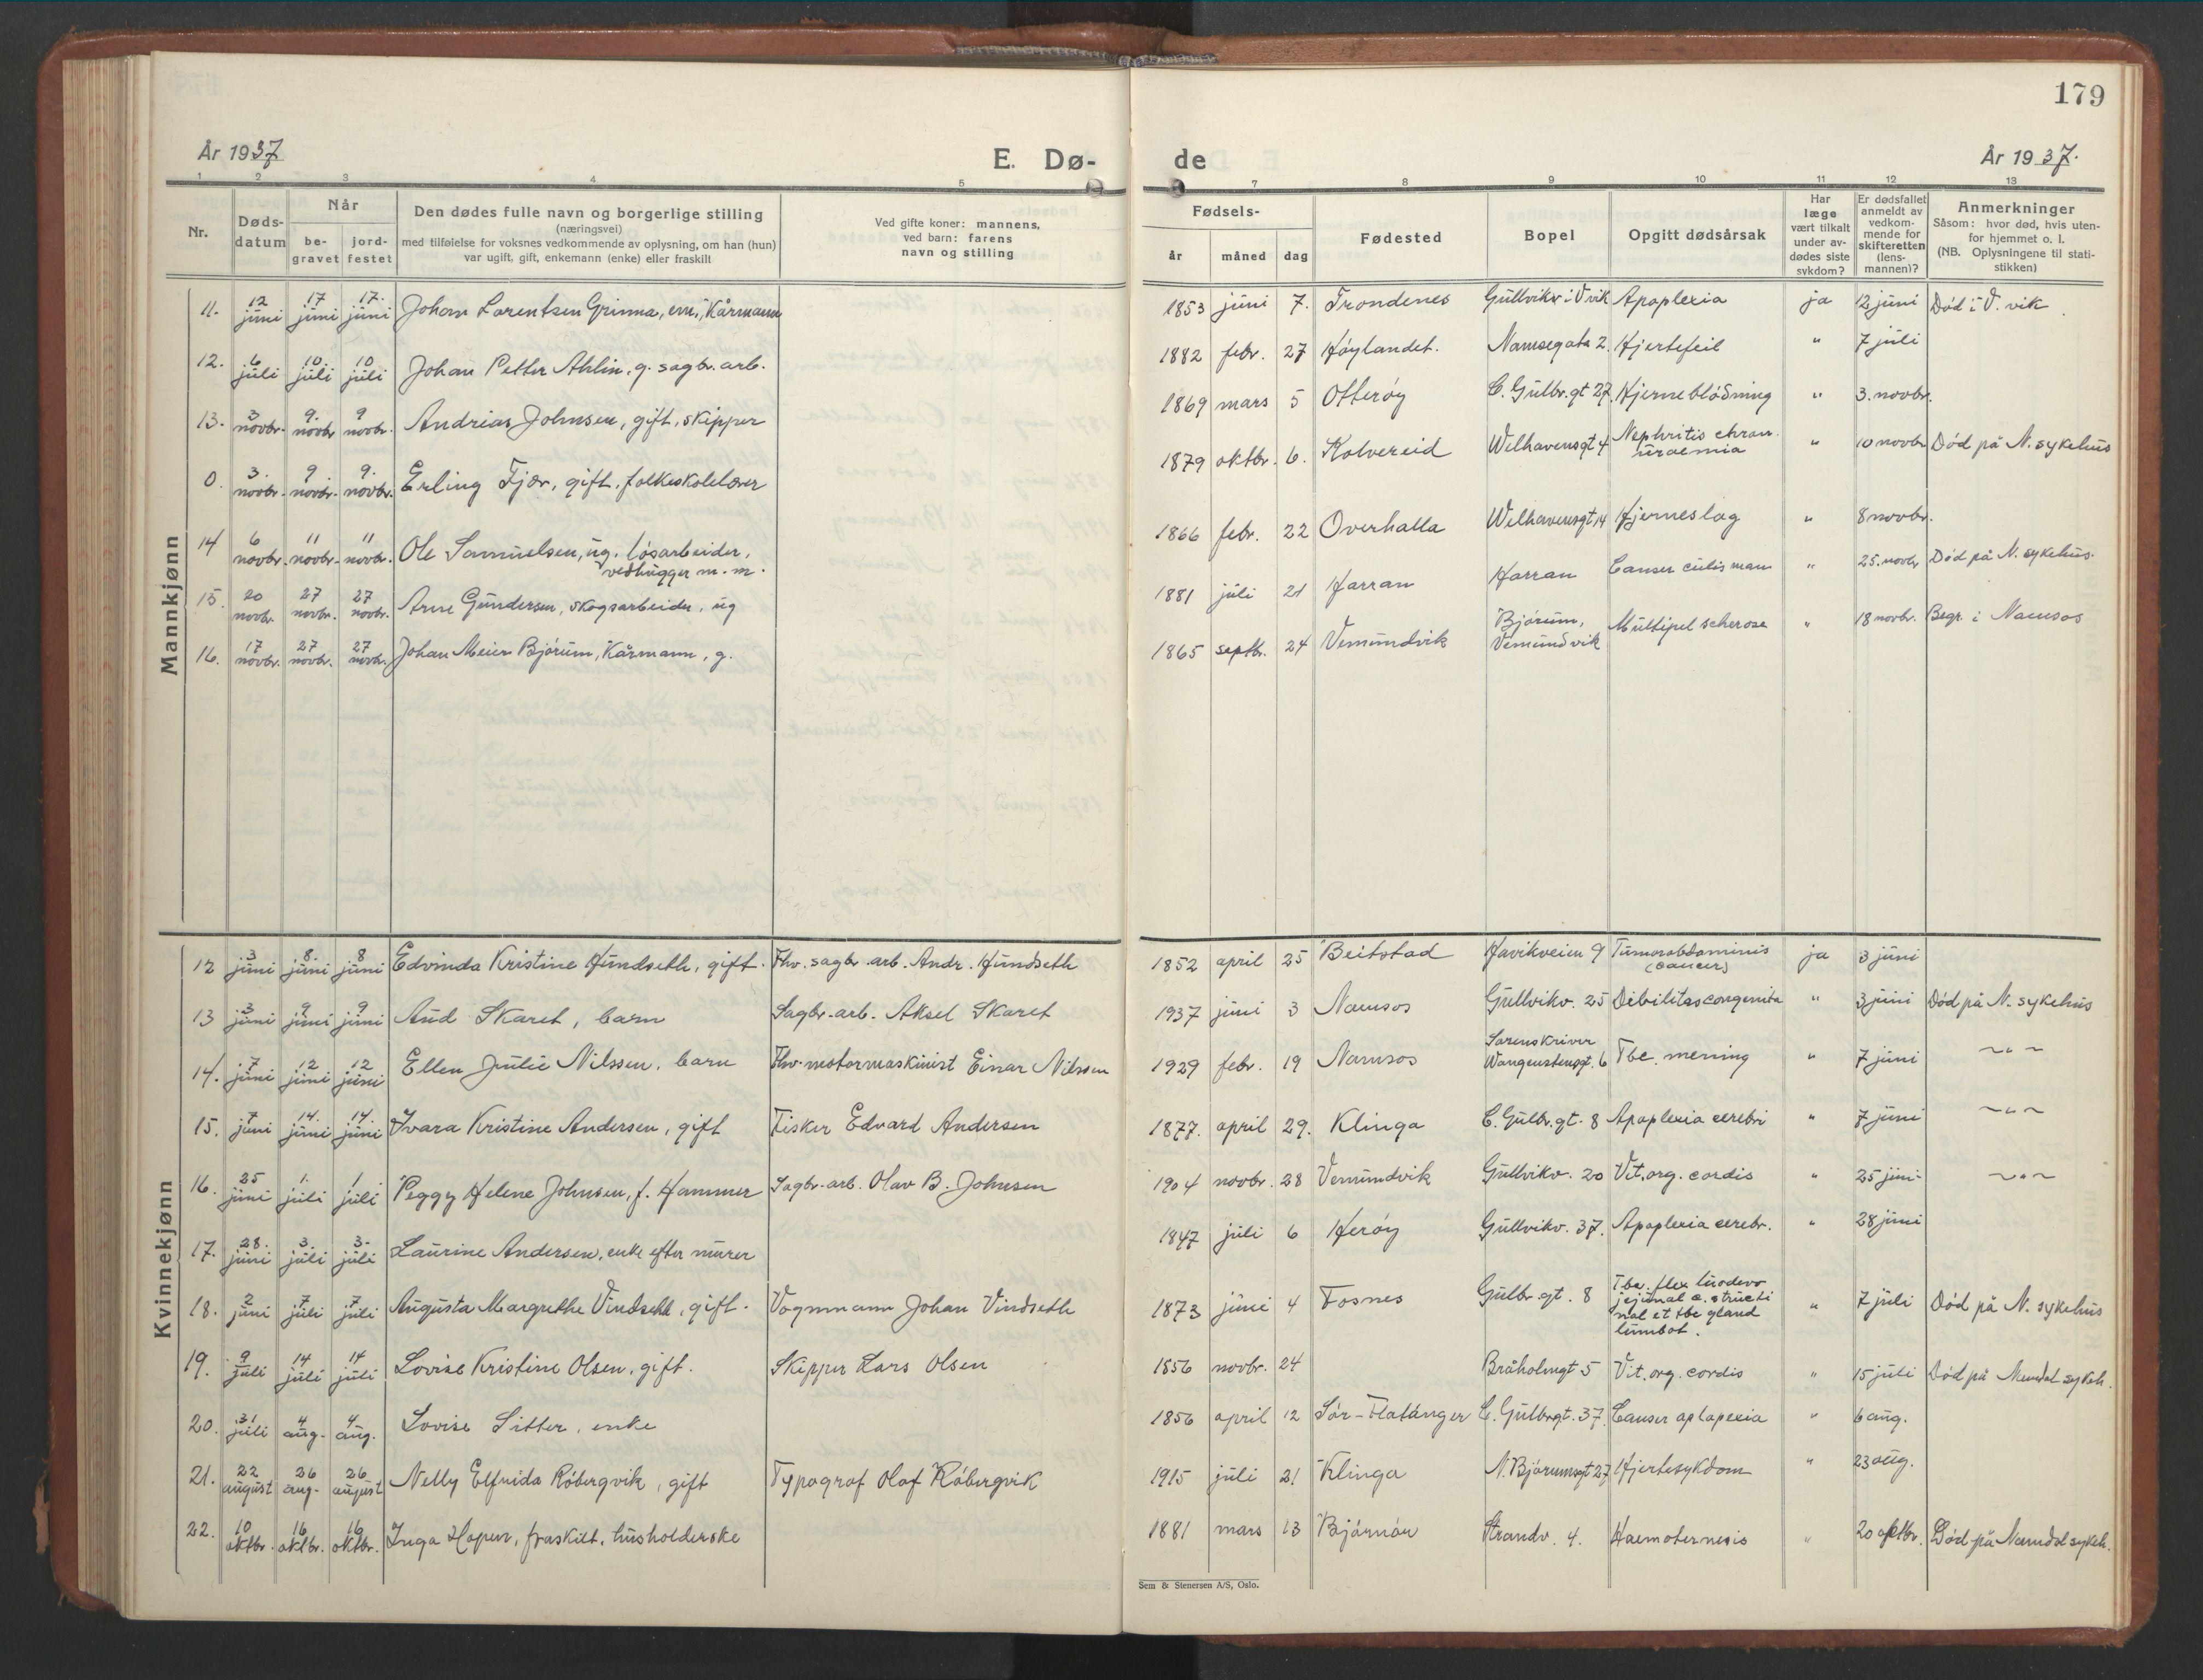 SAT, Ministerialprotokoller, klokkerbøker og fødselsregistre - Nord-Trøndelag, 768/L0583: Klokkerbok nr. 768C01, 1928-1953, s. 179